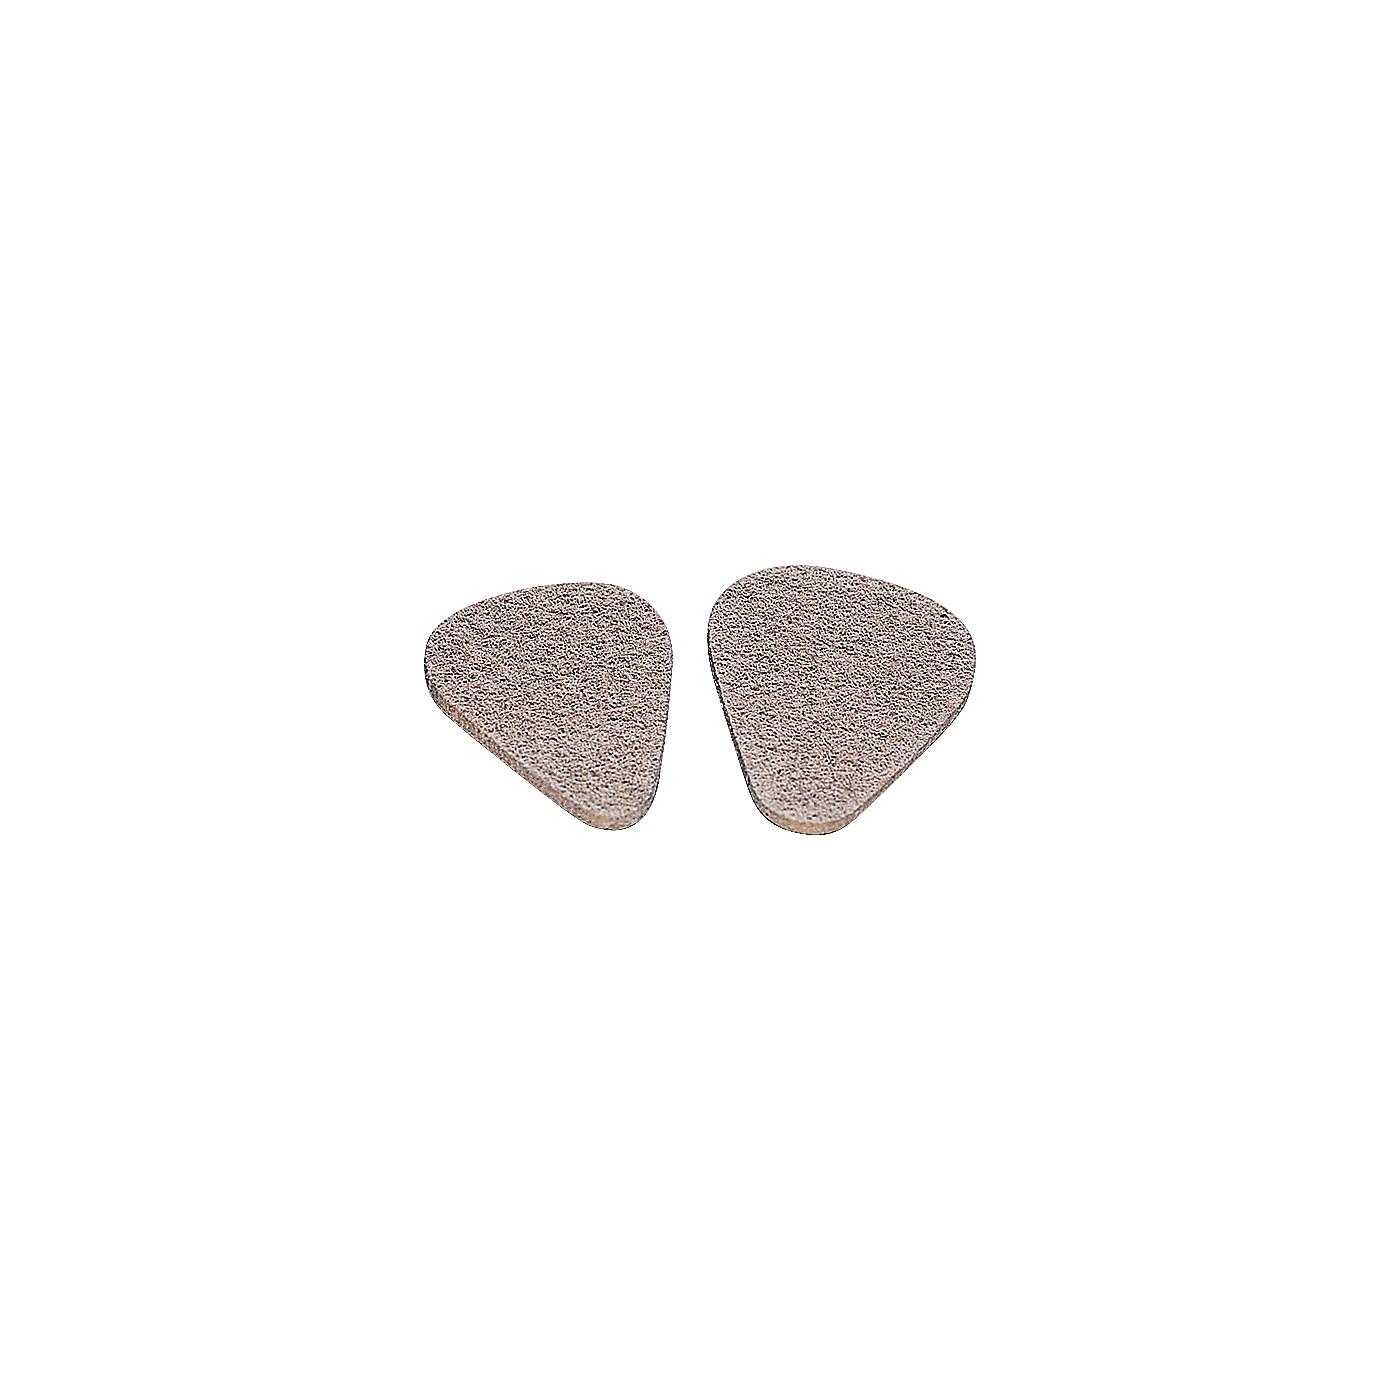 Dunlop Standard Felt Guitar Picks - 1 Dozen thumbnail